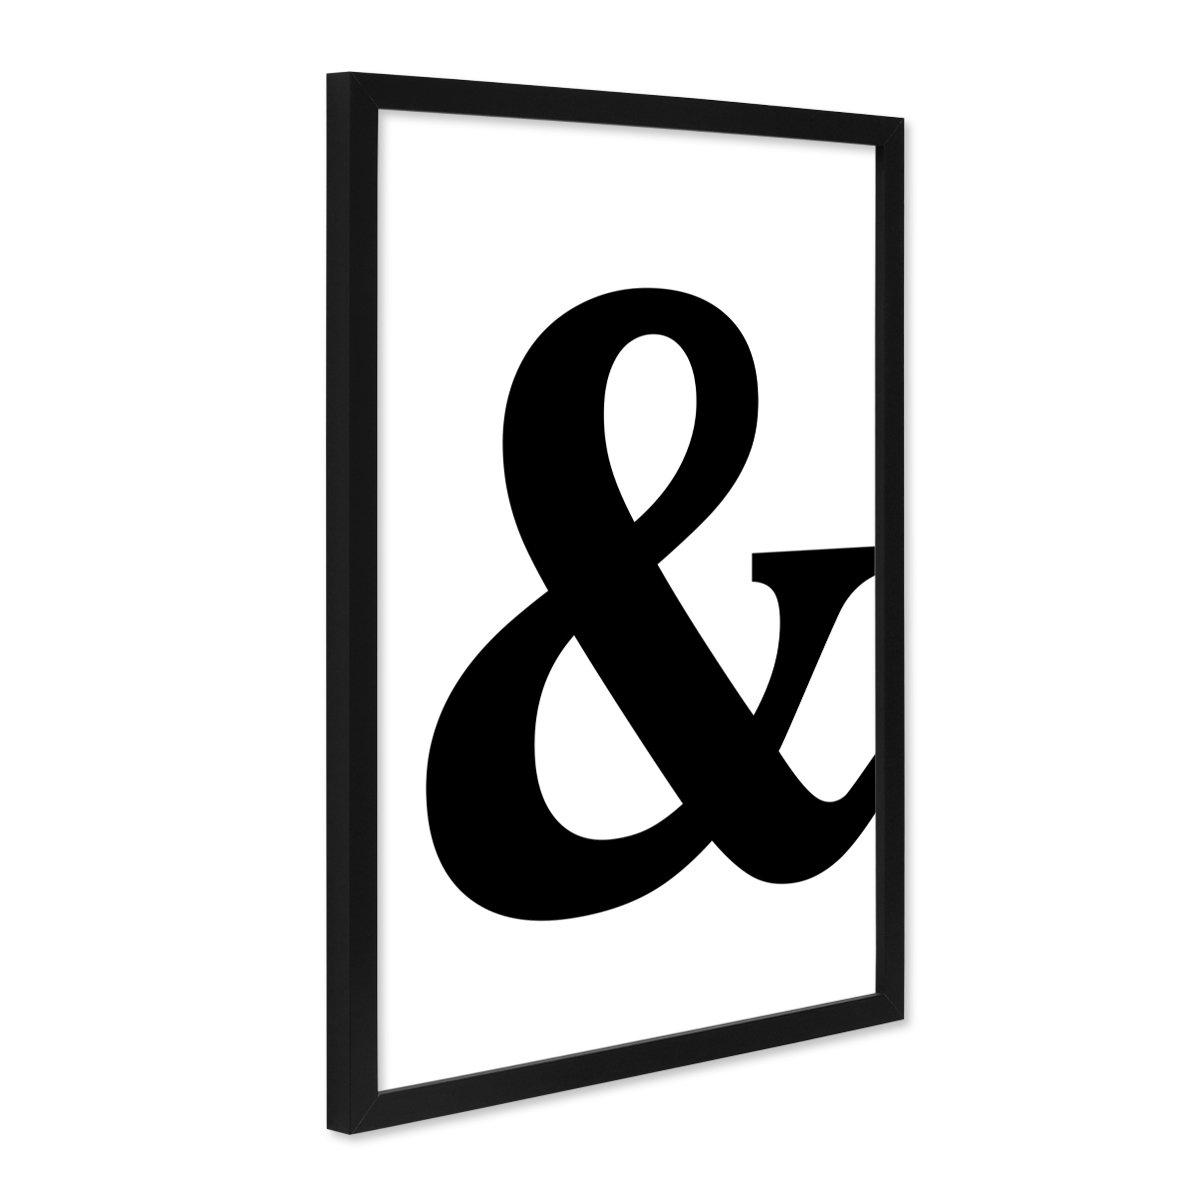 Großartig Bilderrahmen Symbol Bilder - Benutzerdefinierte ...